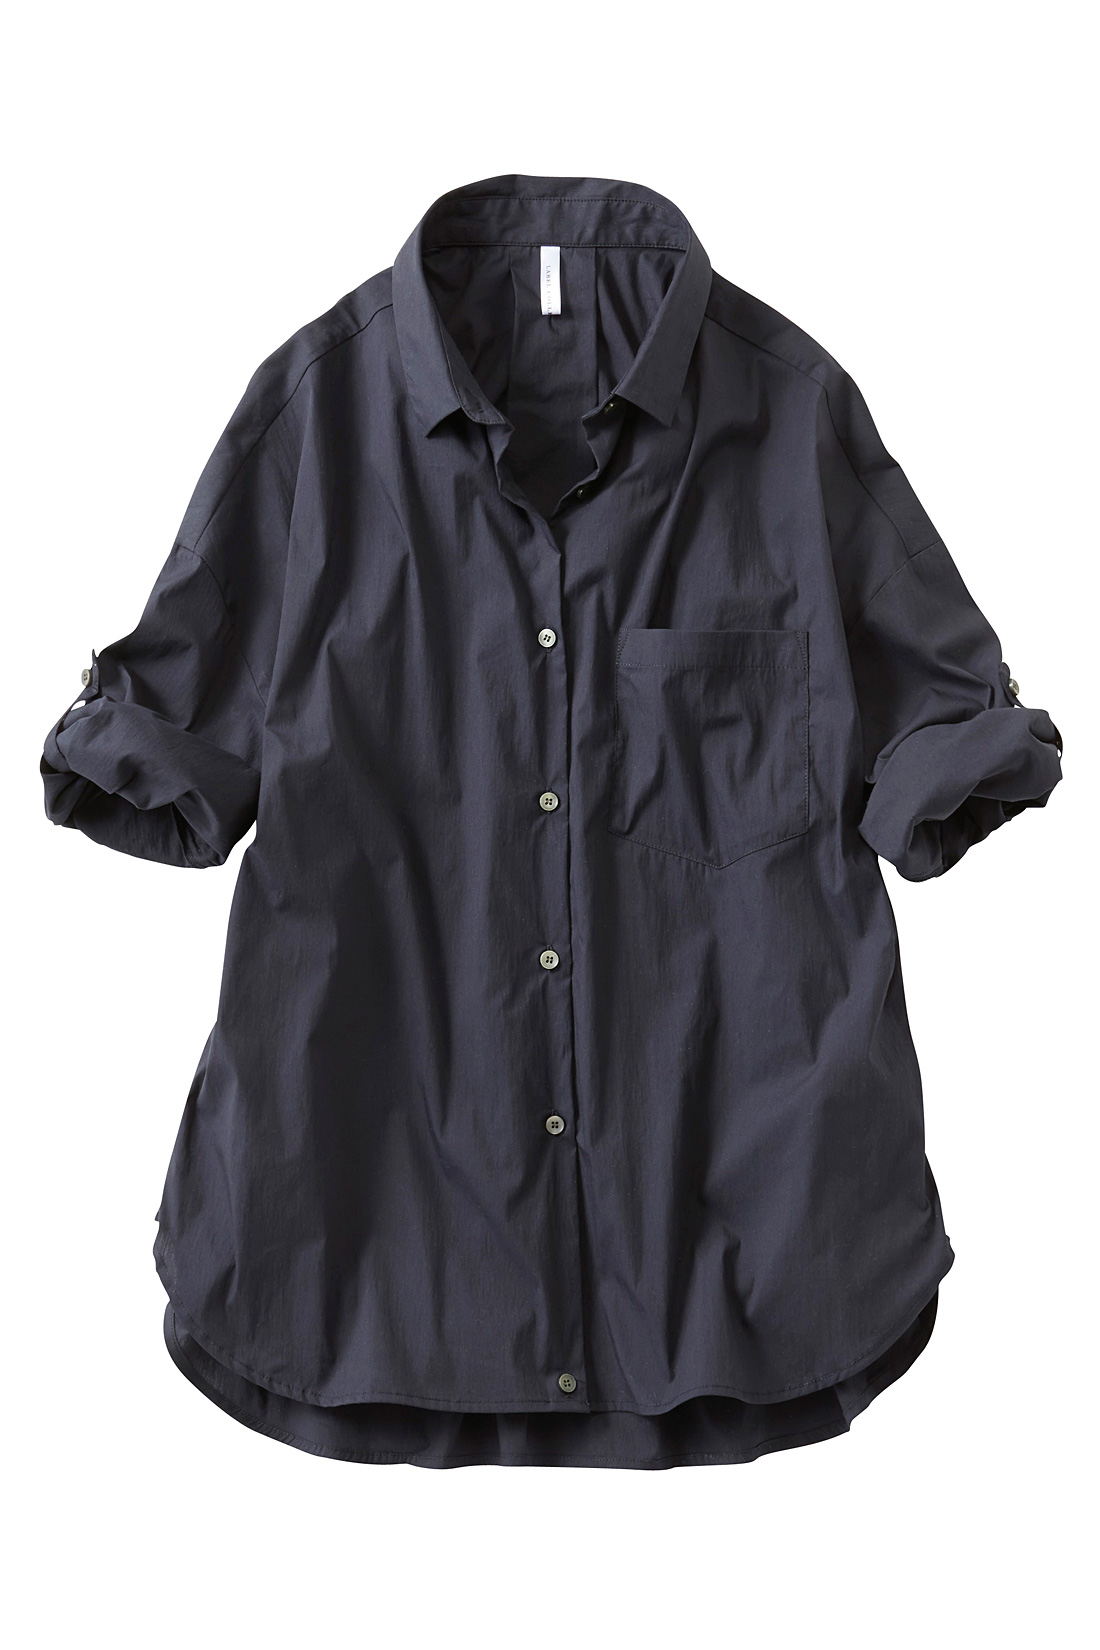 袖はターンアップできるボタン付き。